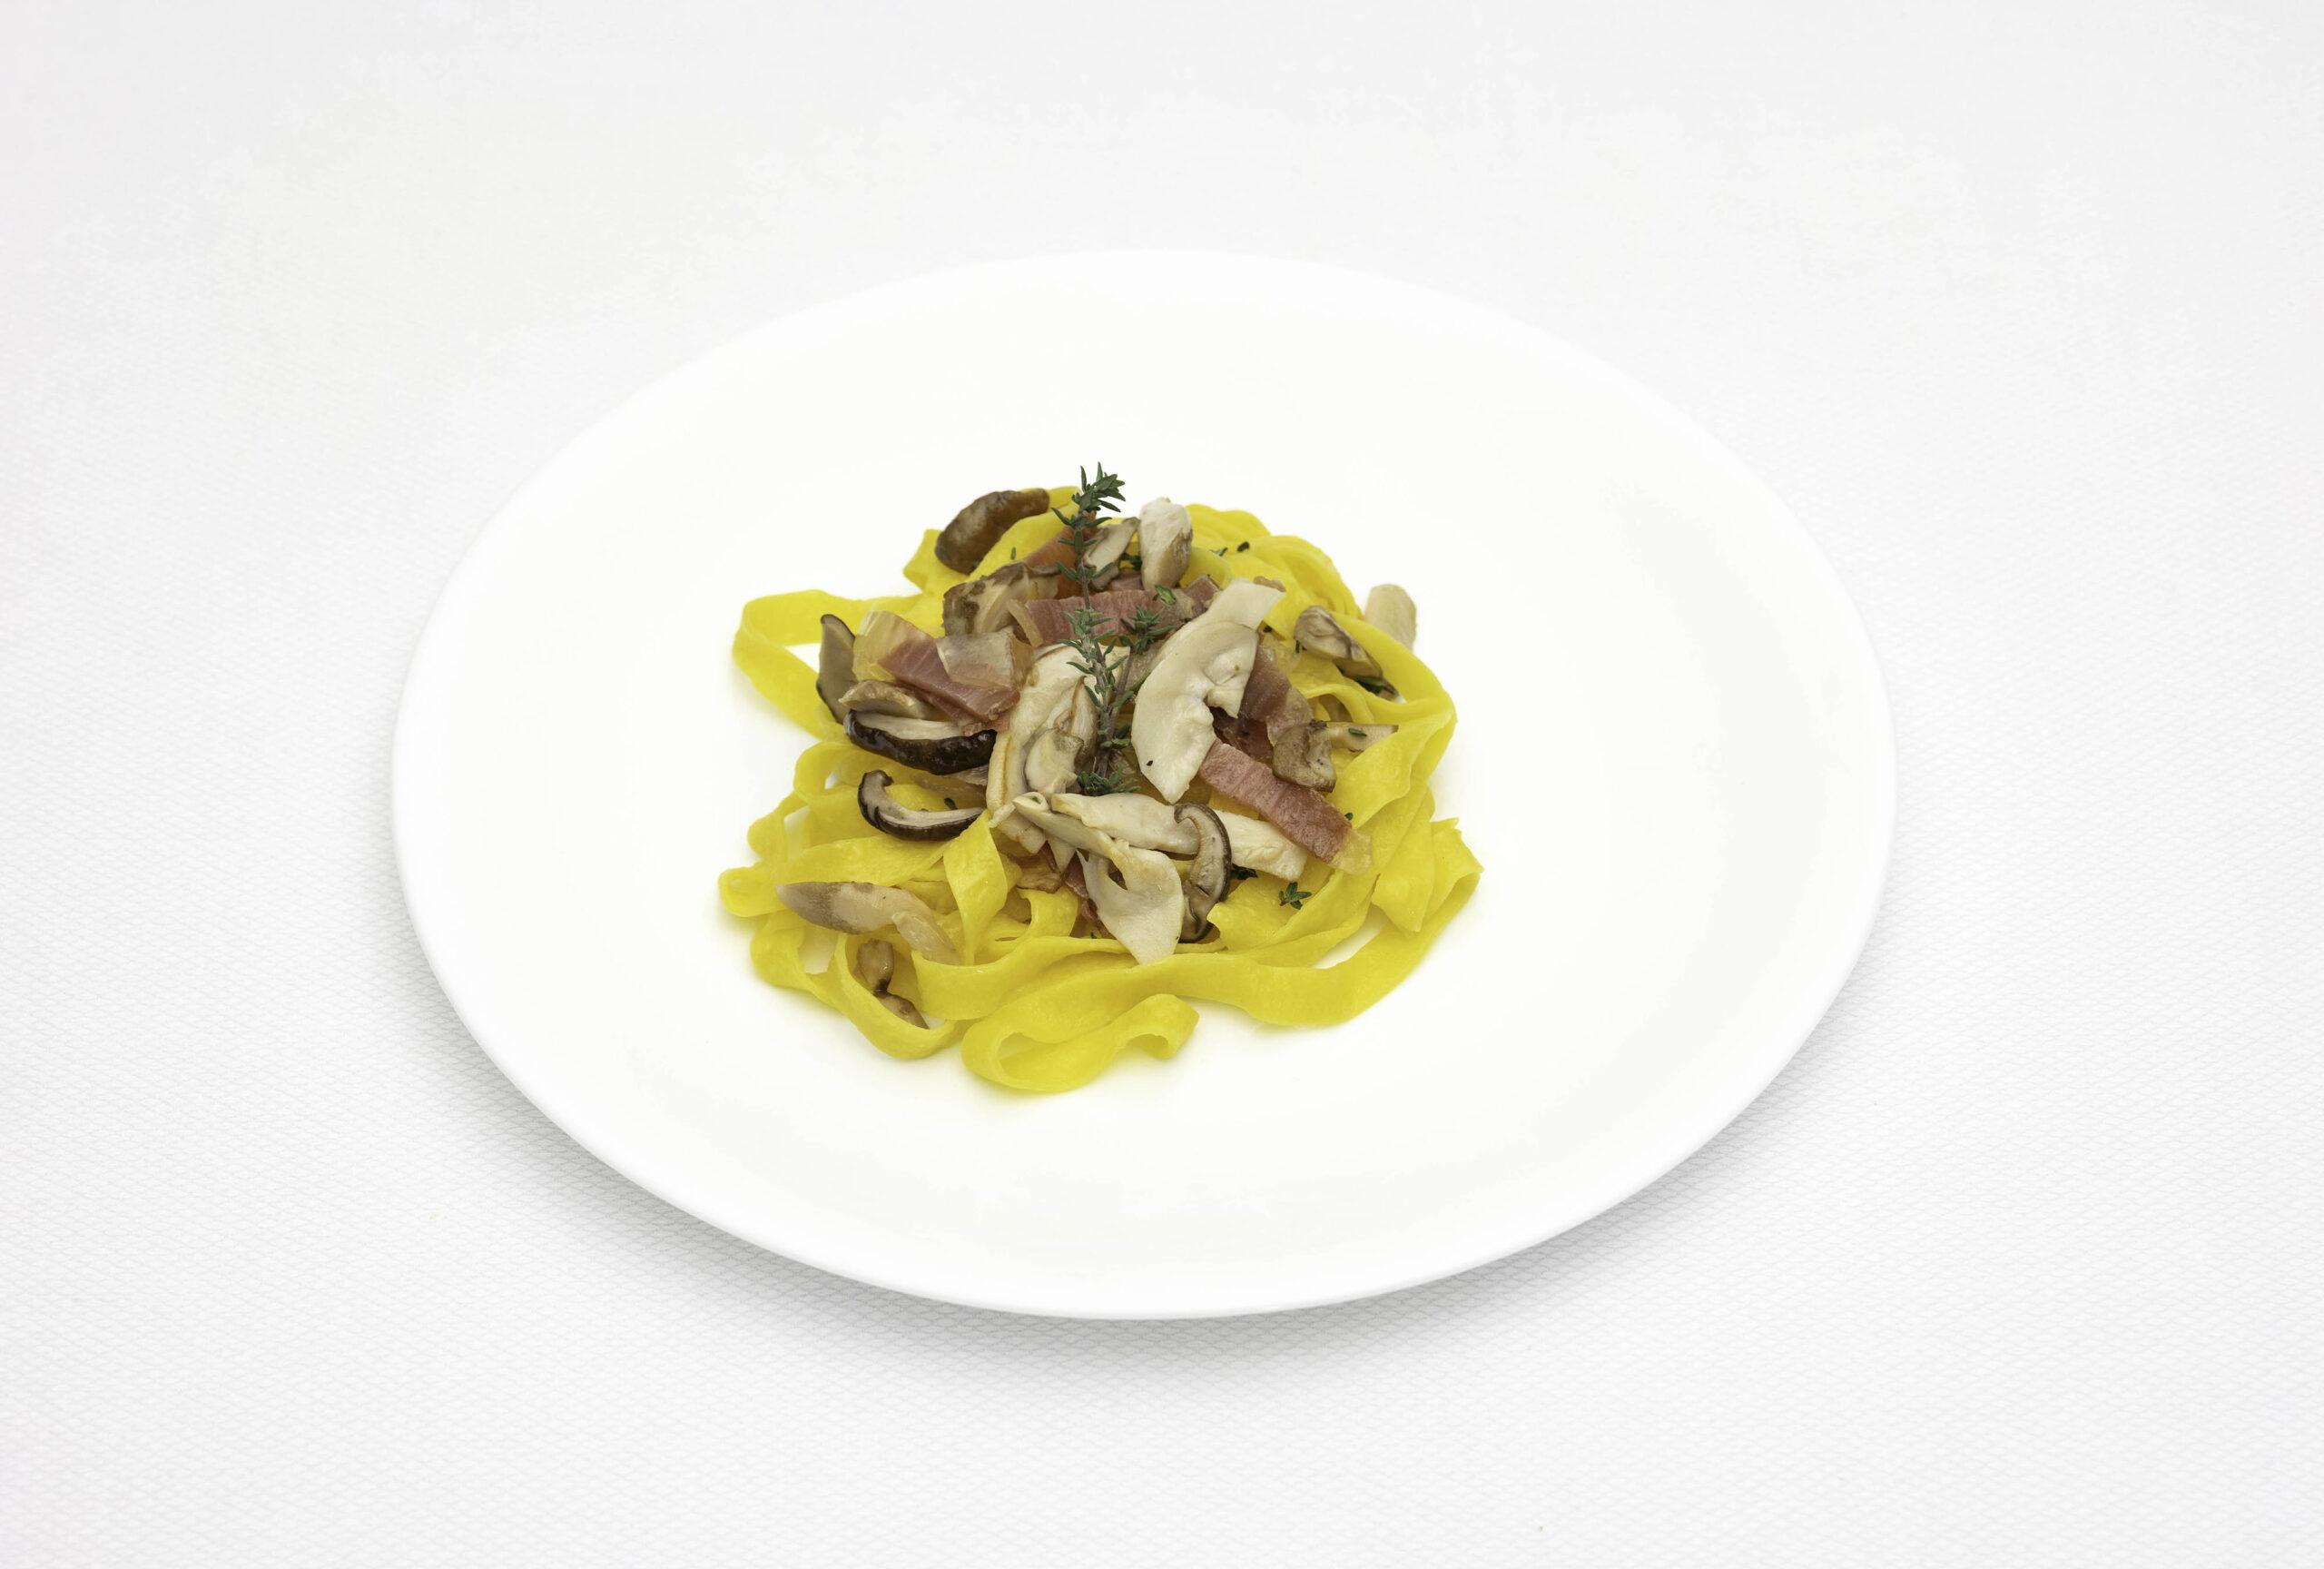 Pastifico-La-Fenice-pastificio-Cesenatico-pasta-fresca-pasta-surgelata-pasta-artigianale-Emilia-Romagna-Tagliatelle-porcini-guanciale